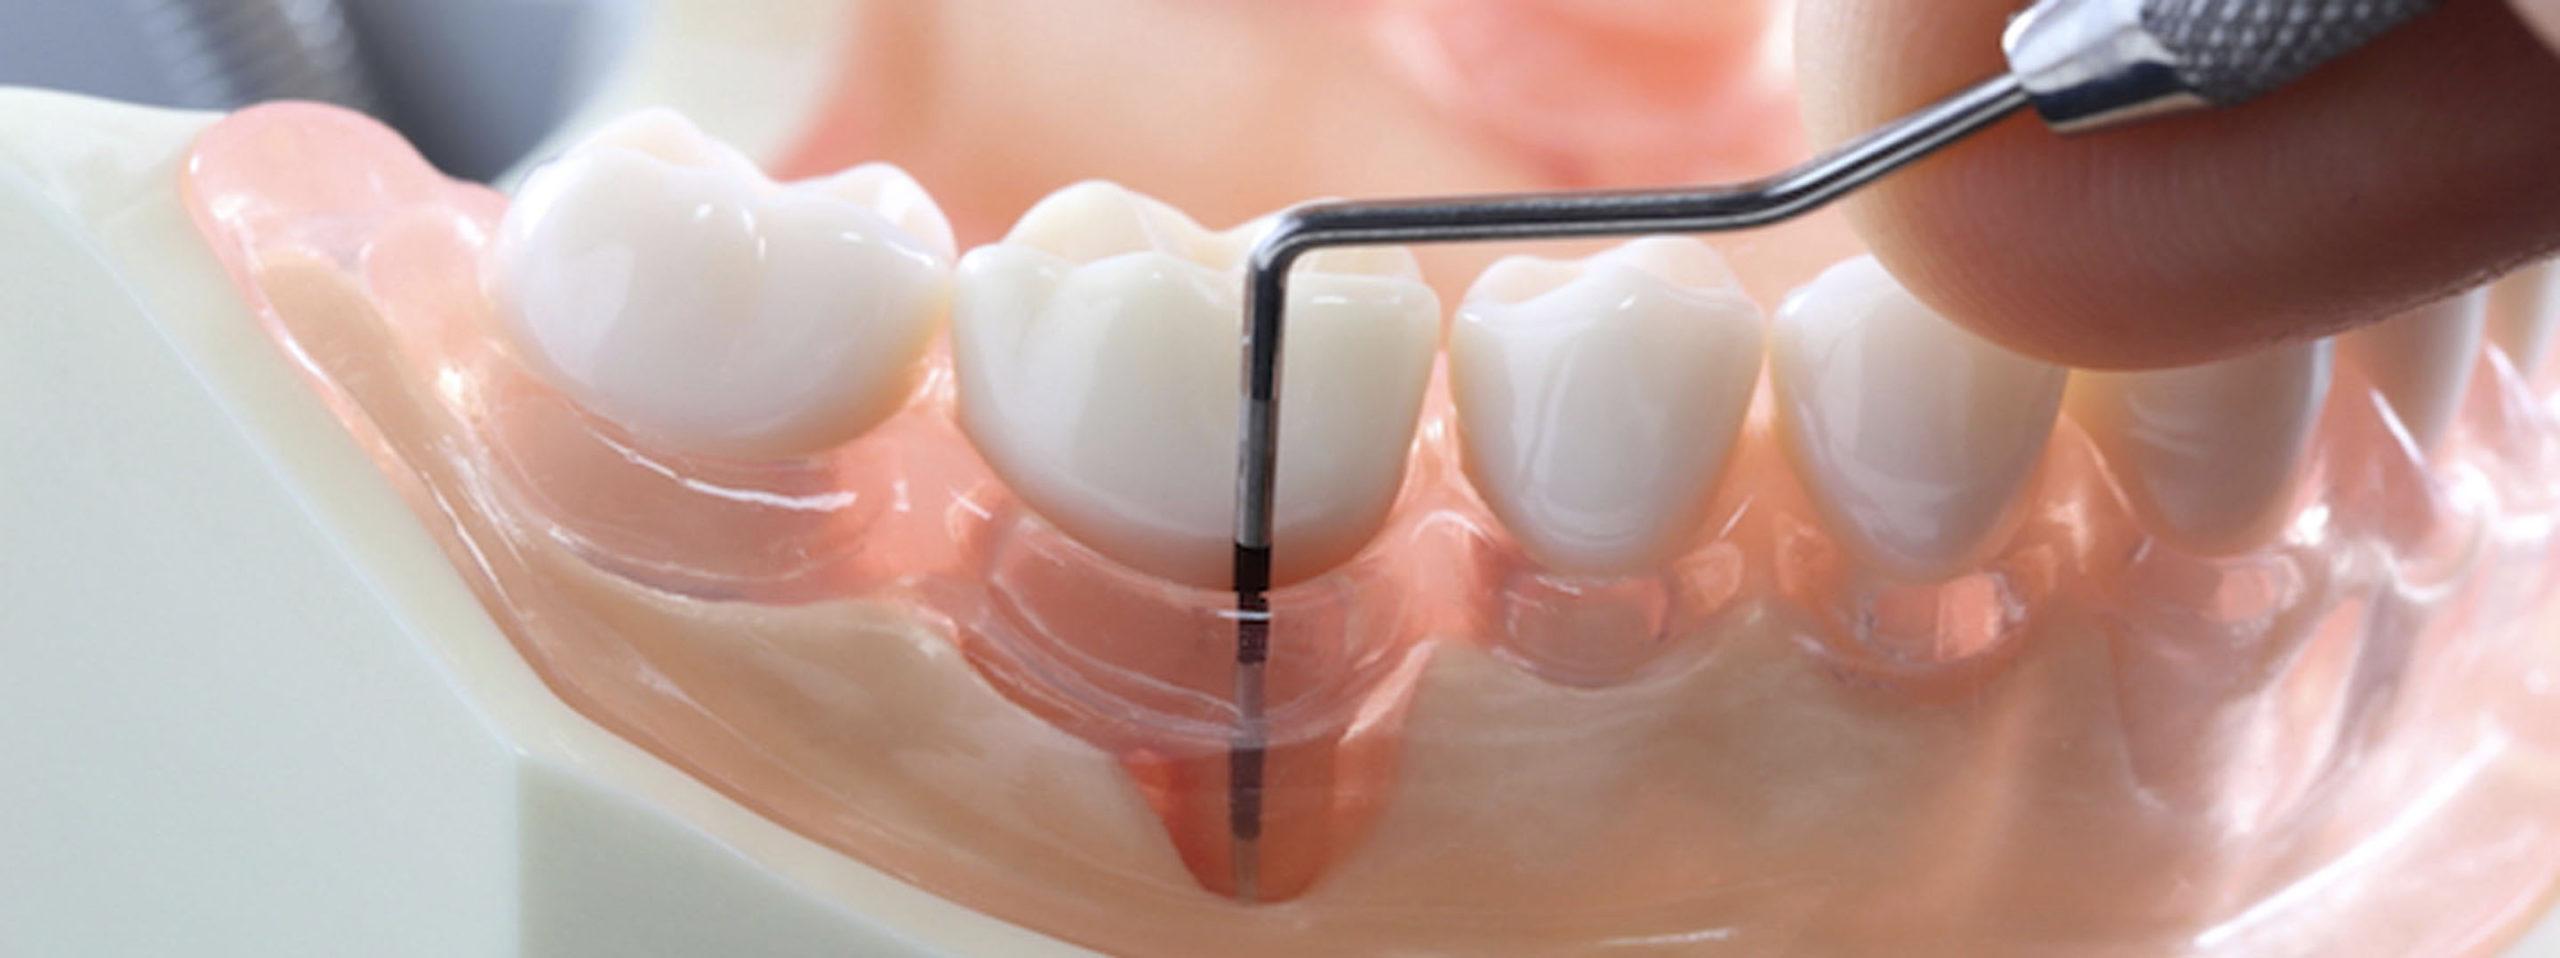 Zahnfleischtaschen